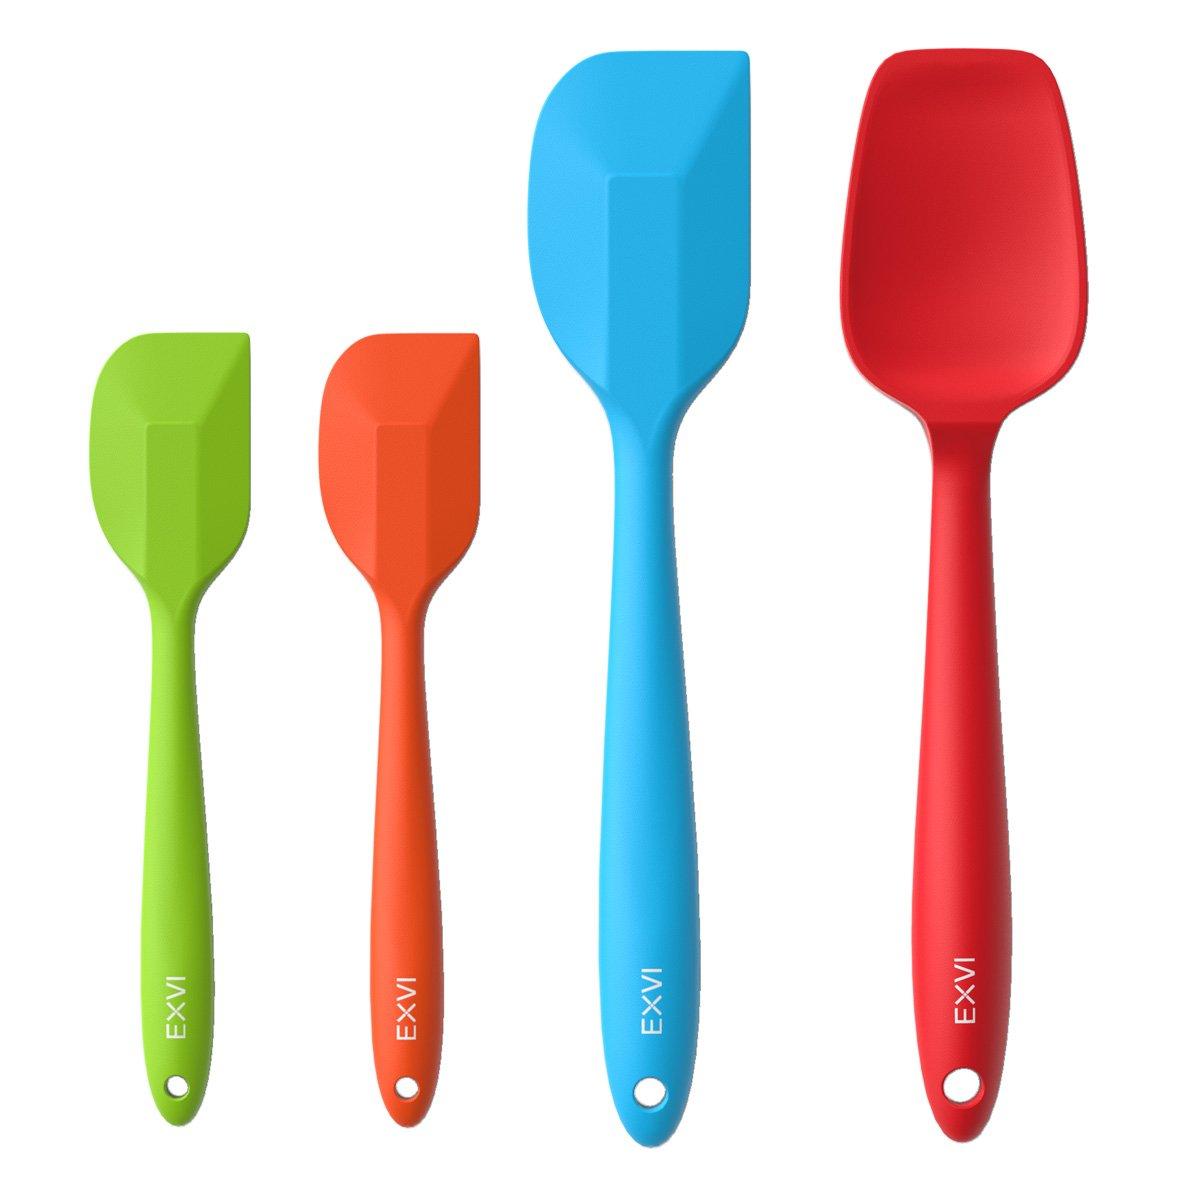 EXVI Flexible Silicone Spatula Cooking Utensil Kitchen Gadgets with 3-Piece Heat Resistant Silicone Rubber Spatula Scraper and 1-Piece Non-stick Silicone Spoon Set